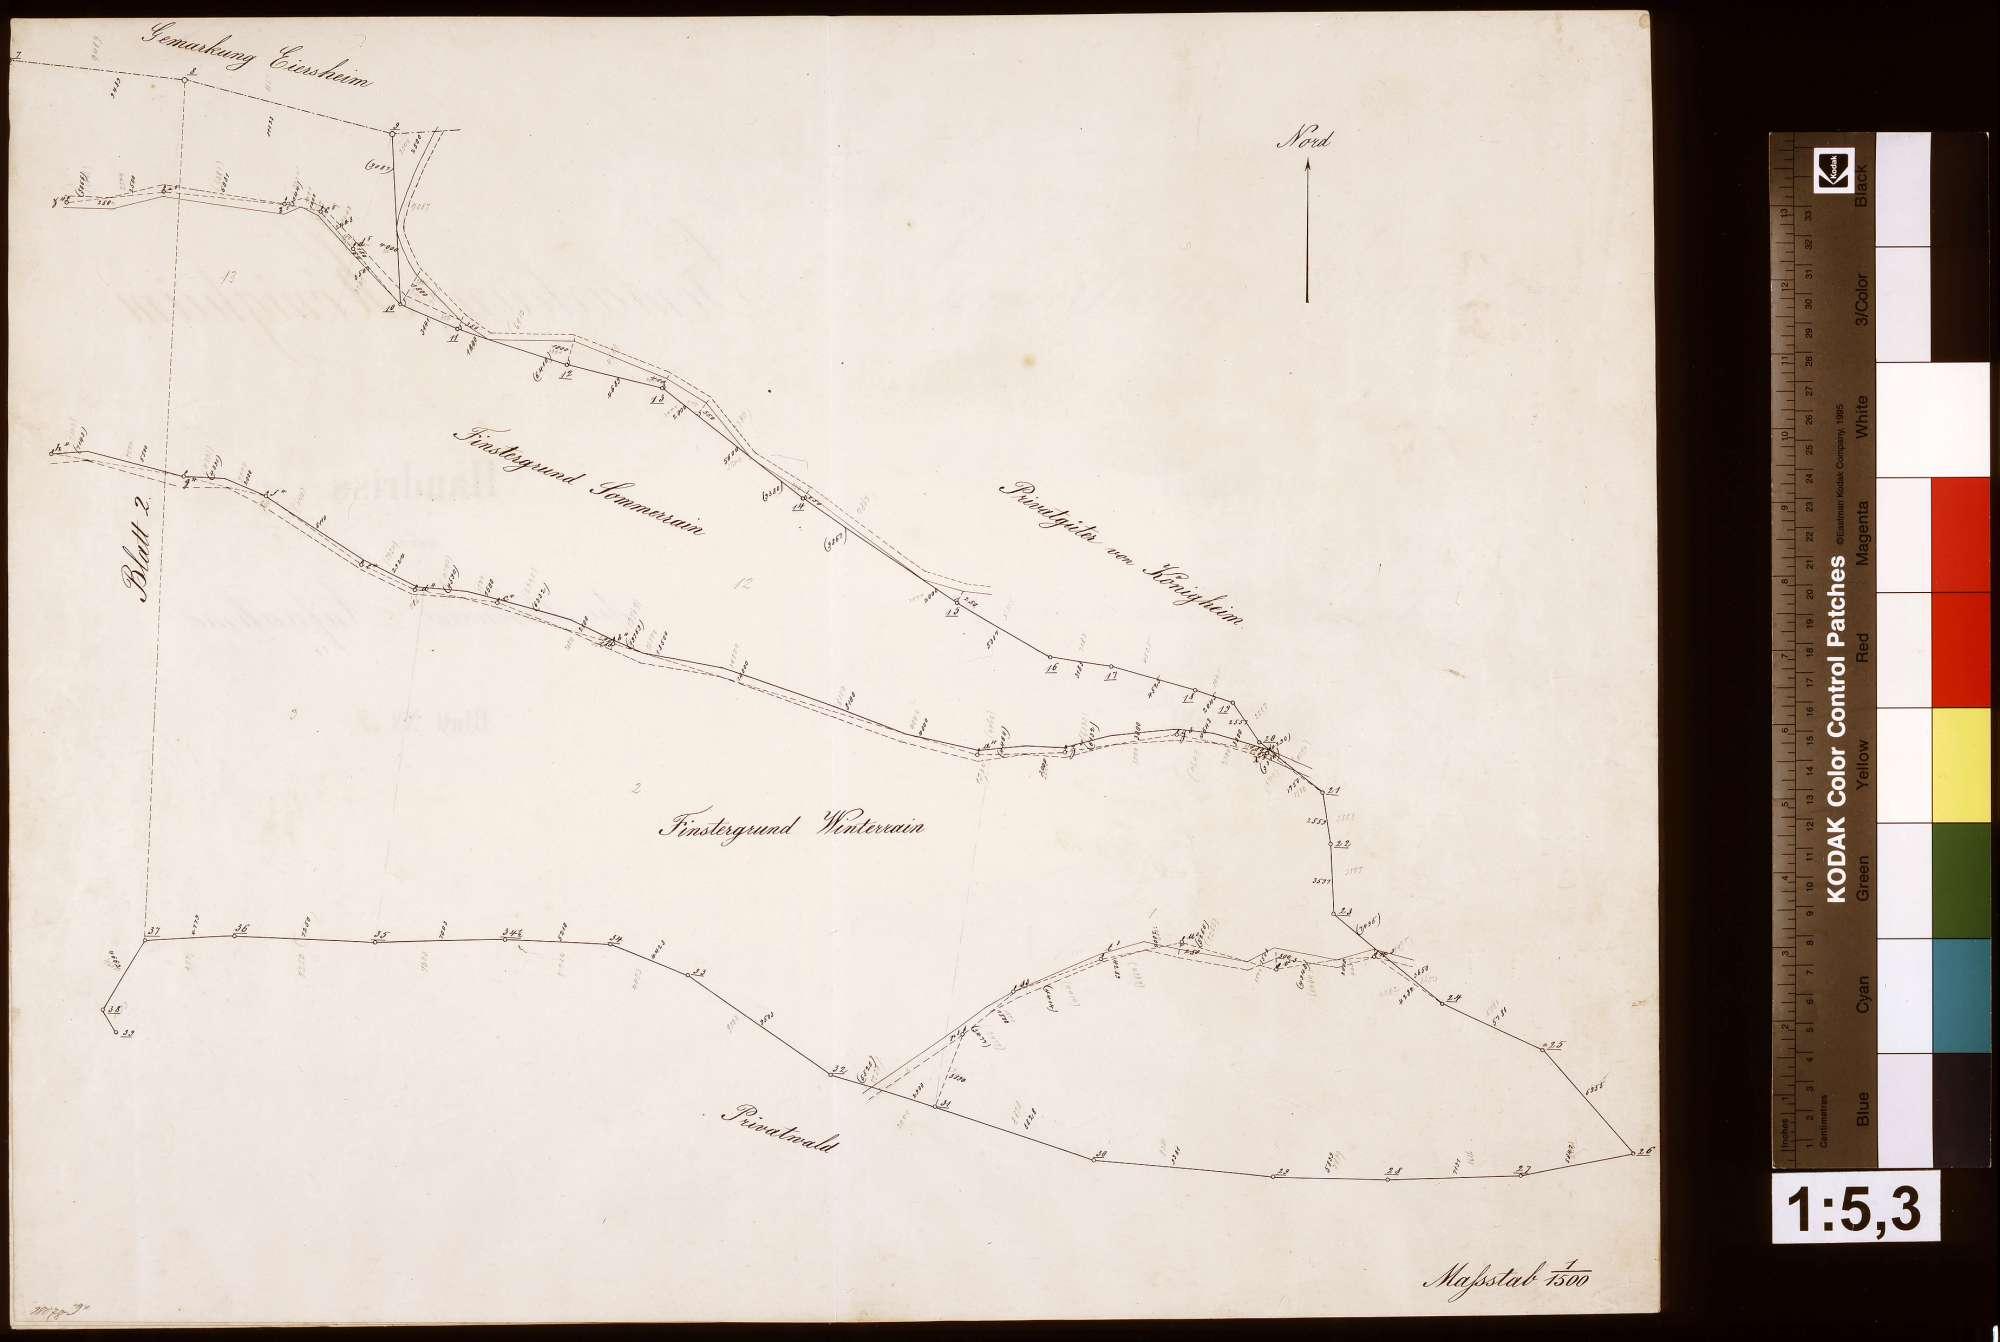 Stückweise Aufnahme der Gemarkung Königheim, Blatt 3